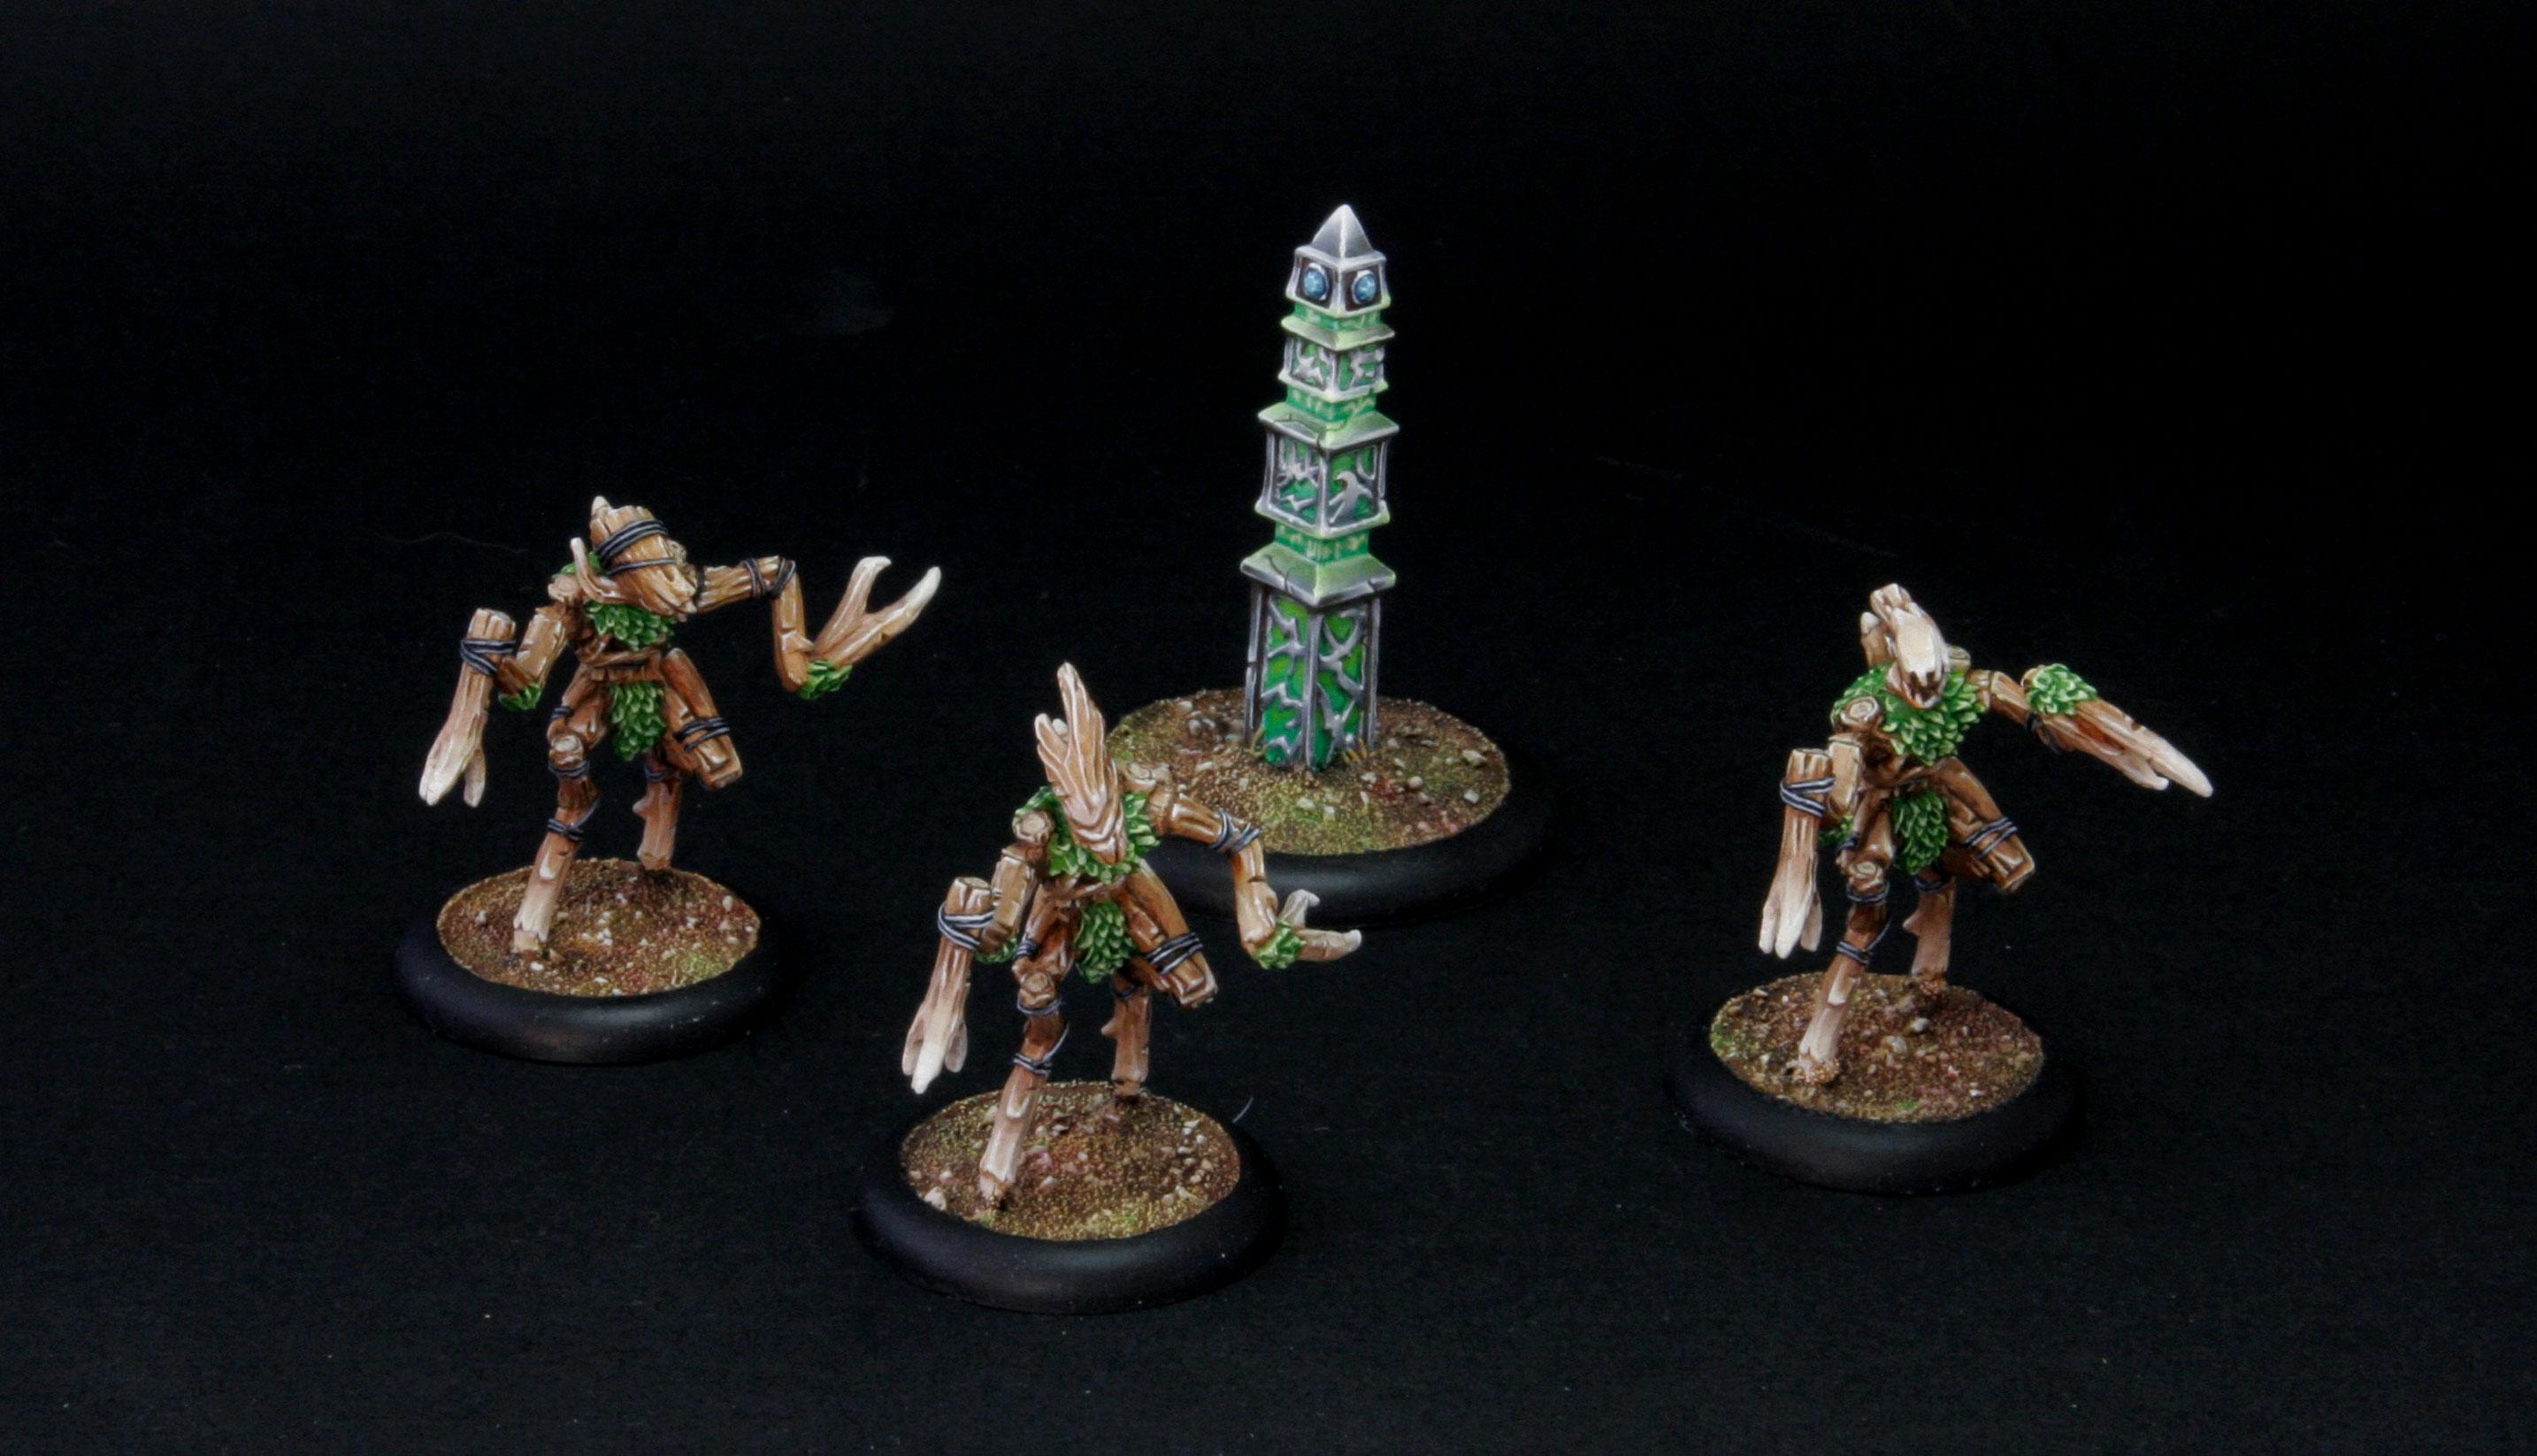 sentry stone & mannikins, unité de support